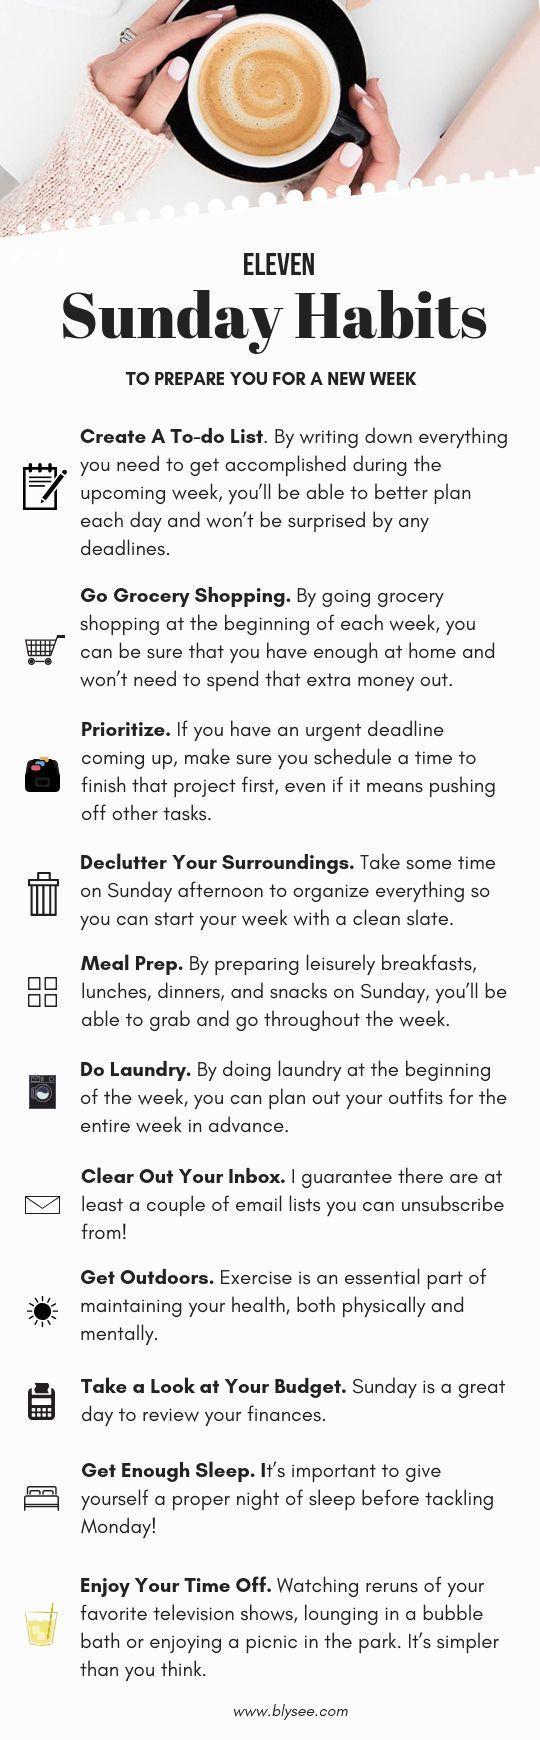 11 Dinge am Sonntag für eine bessere Woche – #bes…